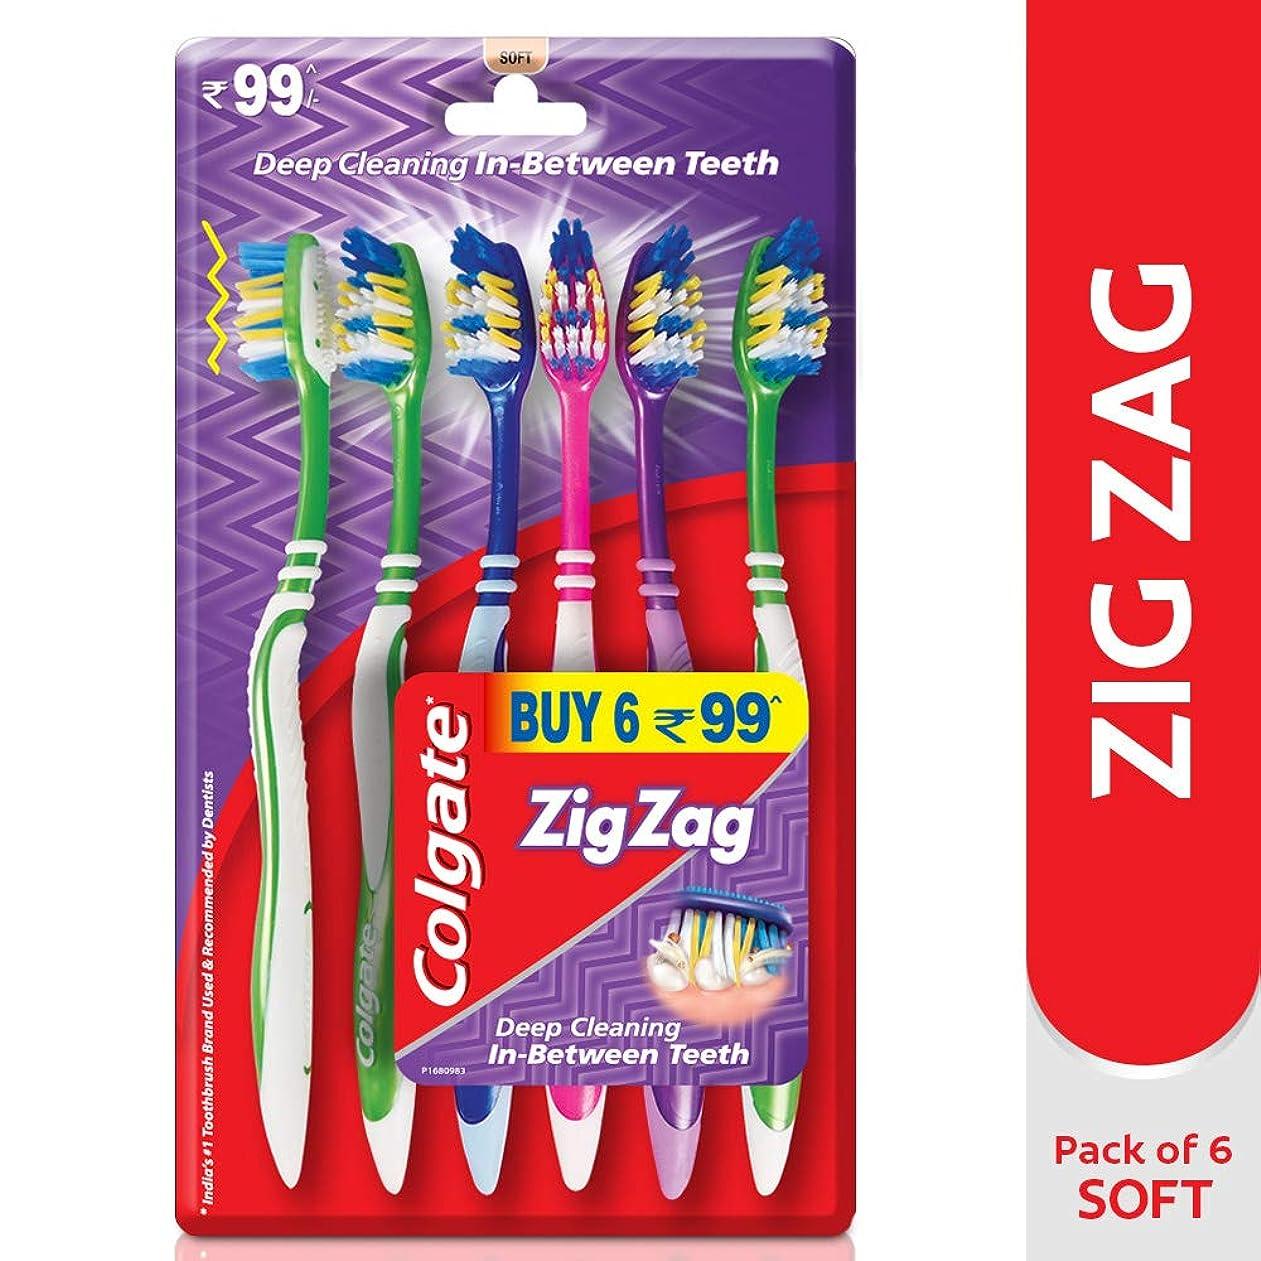 コマンド無視できるゴムColgate ZigZag Soft Bristle Toothbrush - 6 Pcs